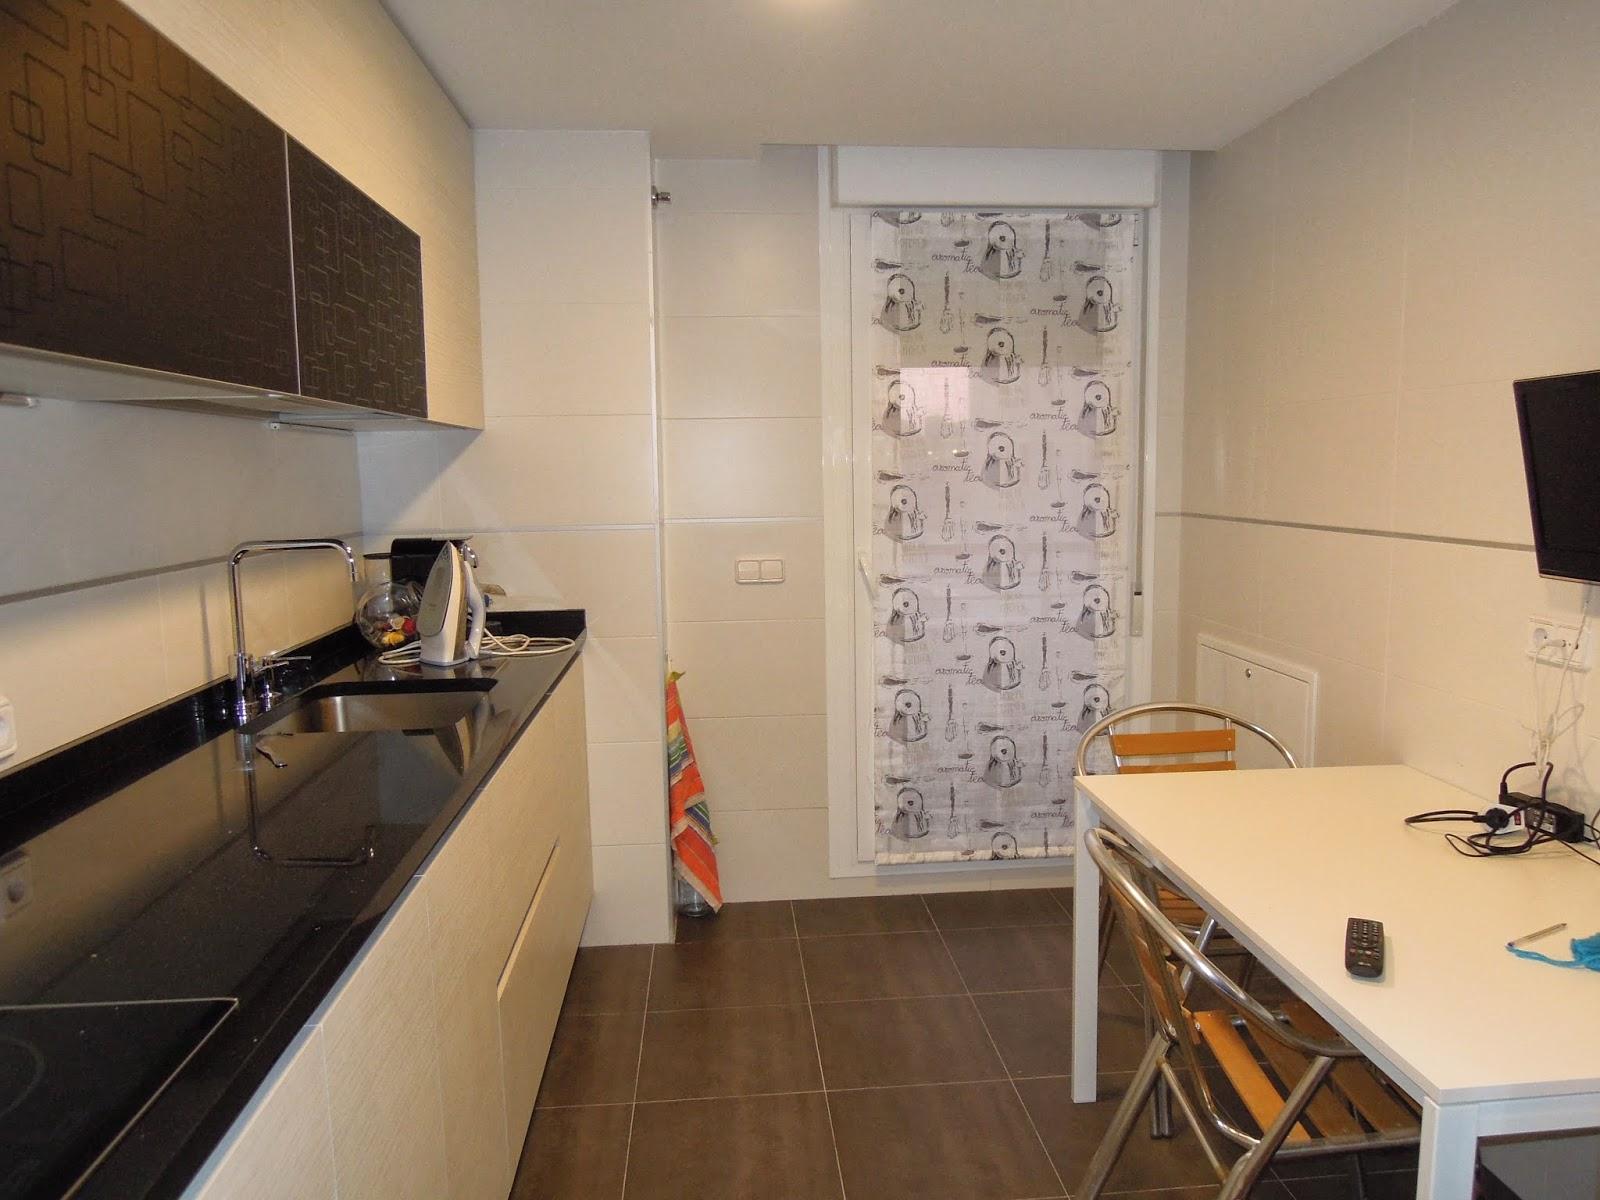 Fotos de cortinas marzo 2014 for Visillos cocina modernos